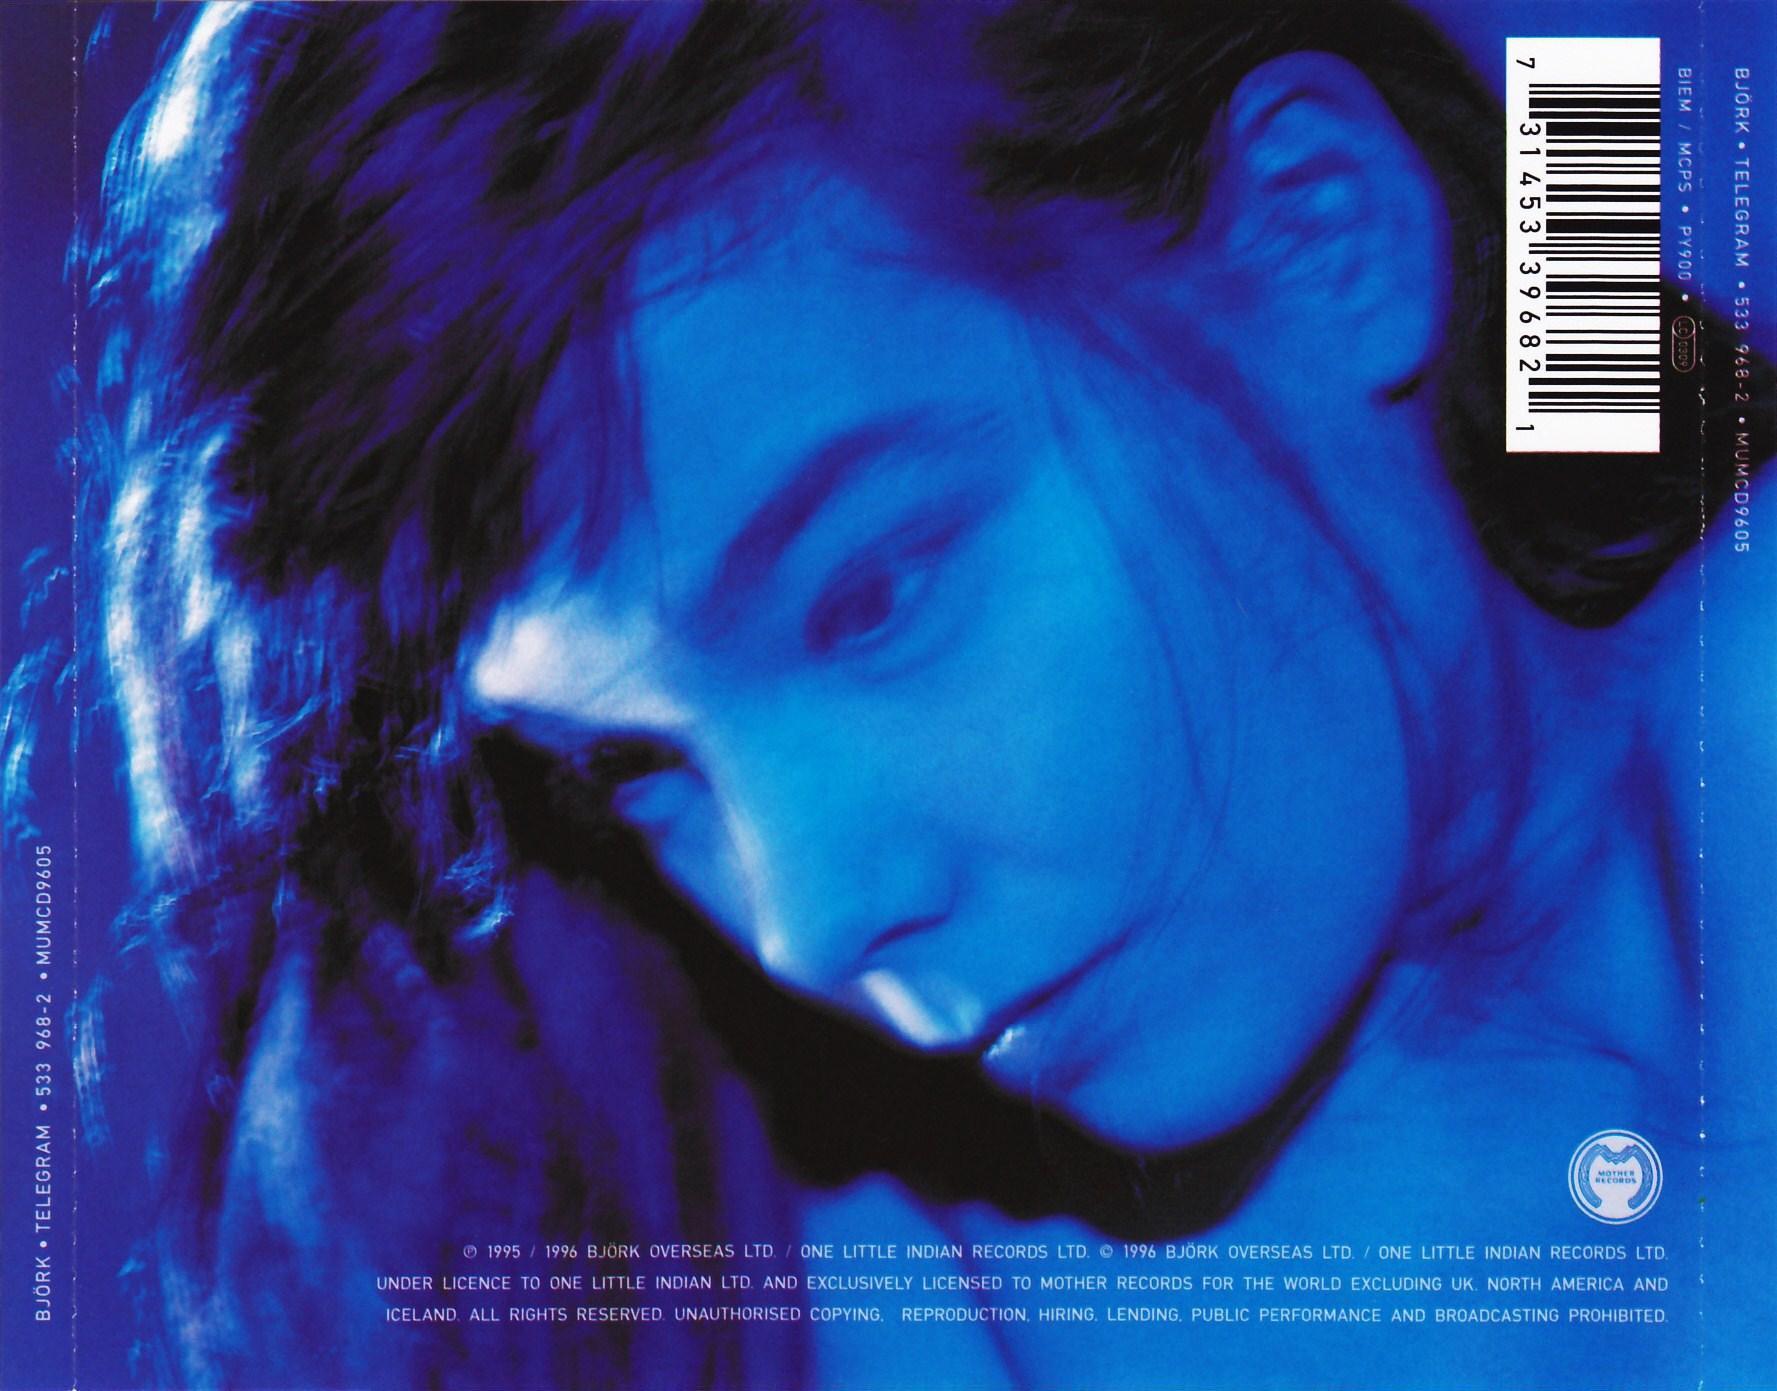 Copertina cd Bjork - Telegram - Back, cover cd Bjork ...